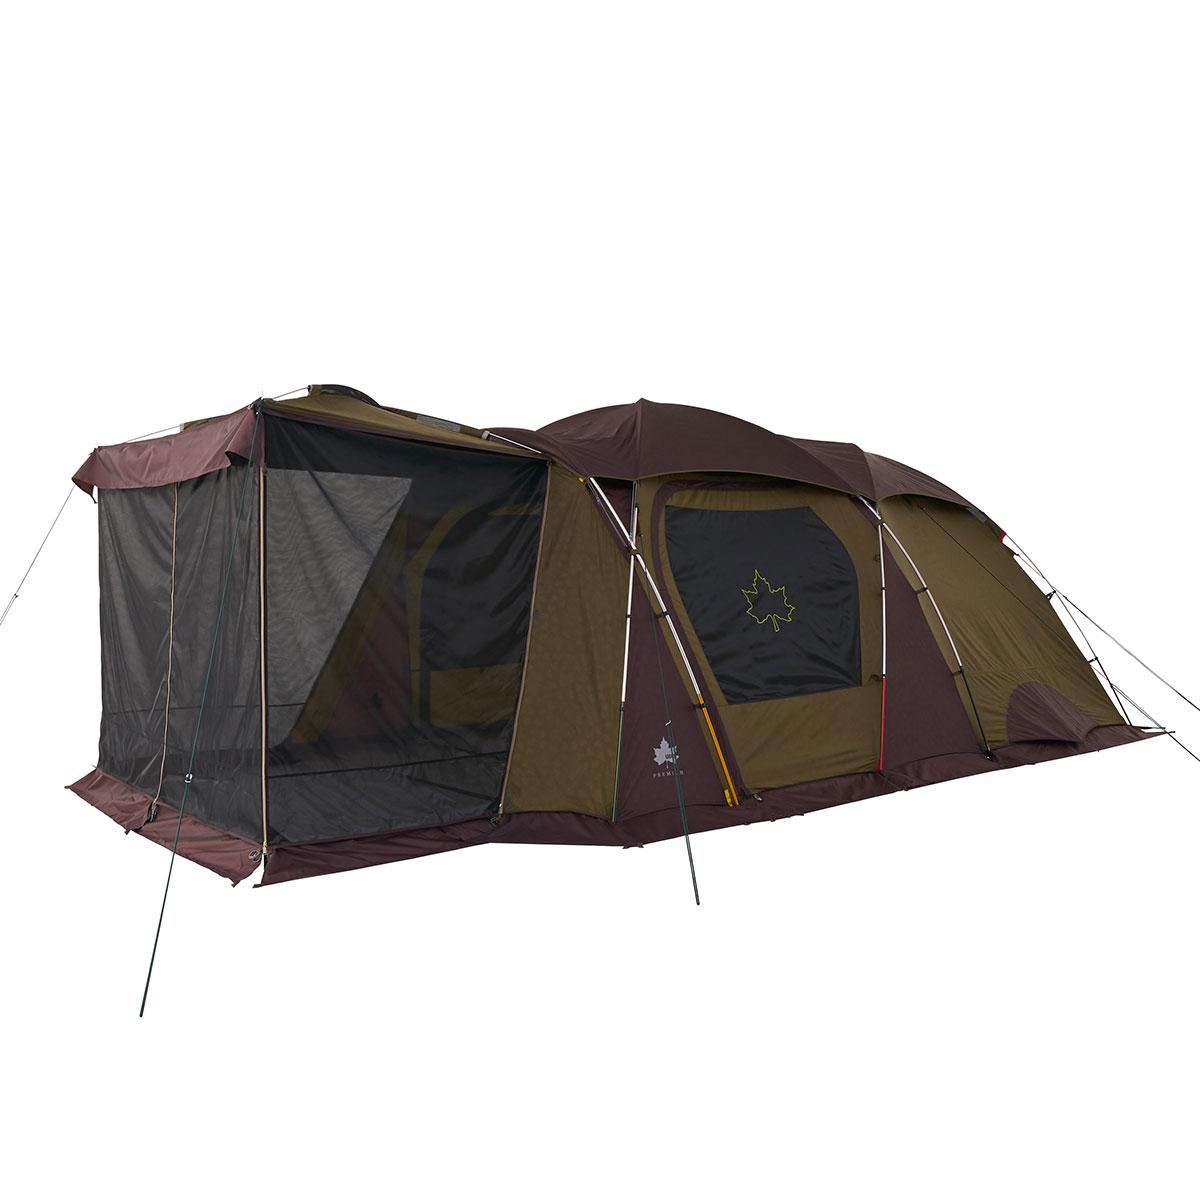 ロゴス(LOGOS) キャンプ用テント(3~5人用) プレミアム 3ルームドゥーブル XL-BJ 71805537 テント タープ キャンプ用テント キャンプ アウトドア